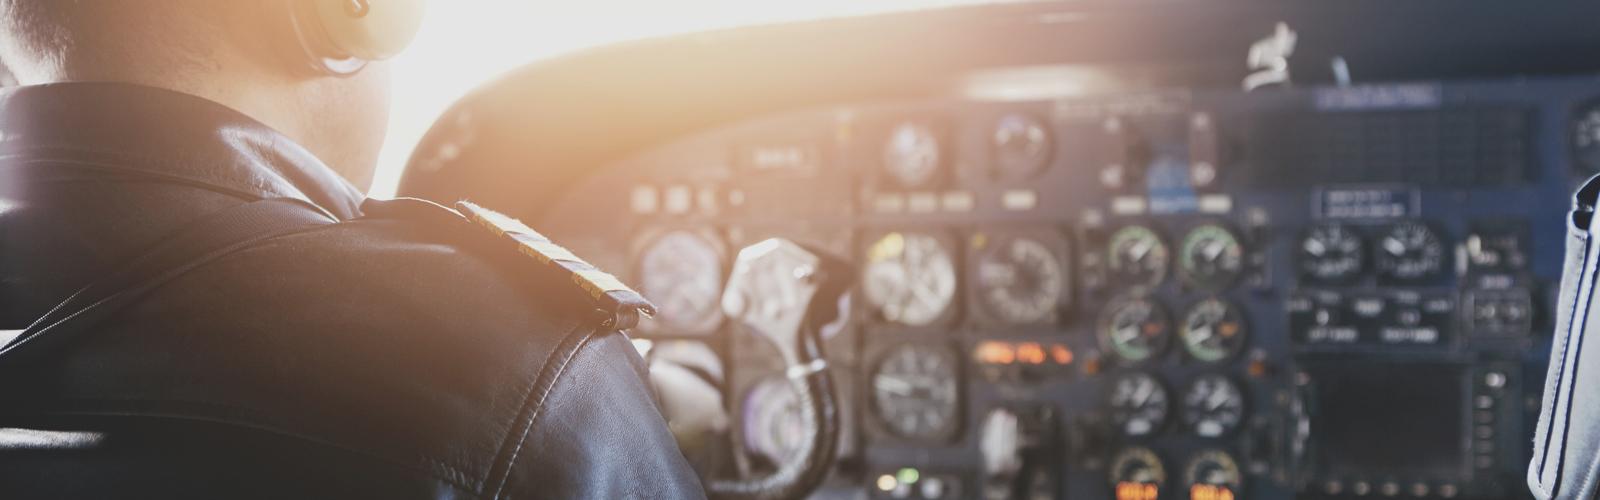 航空操縦学(パイロット)